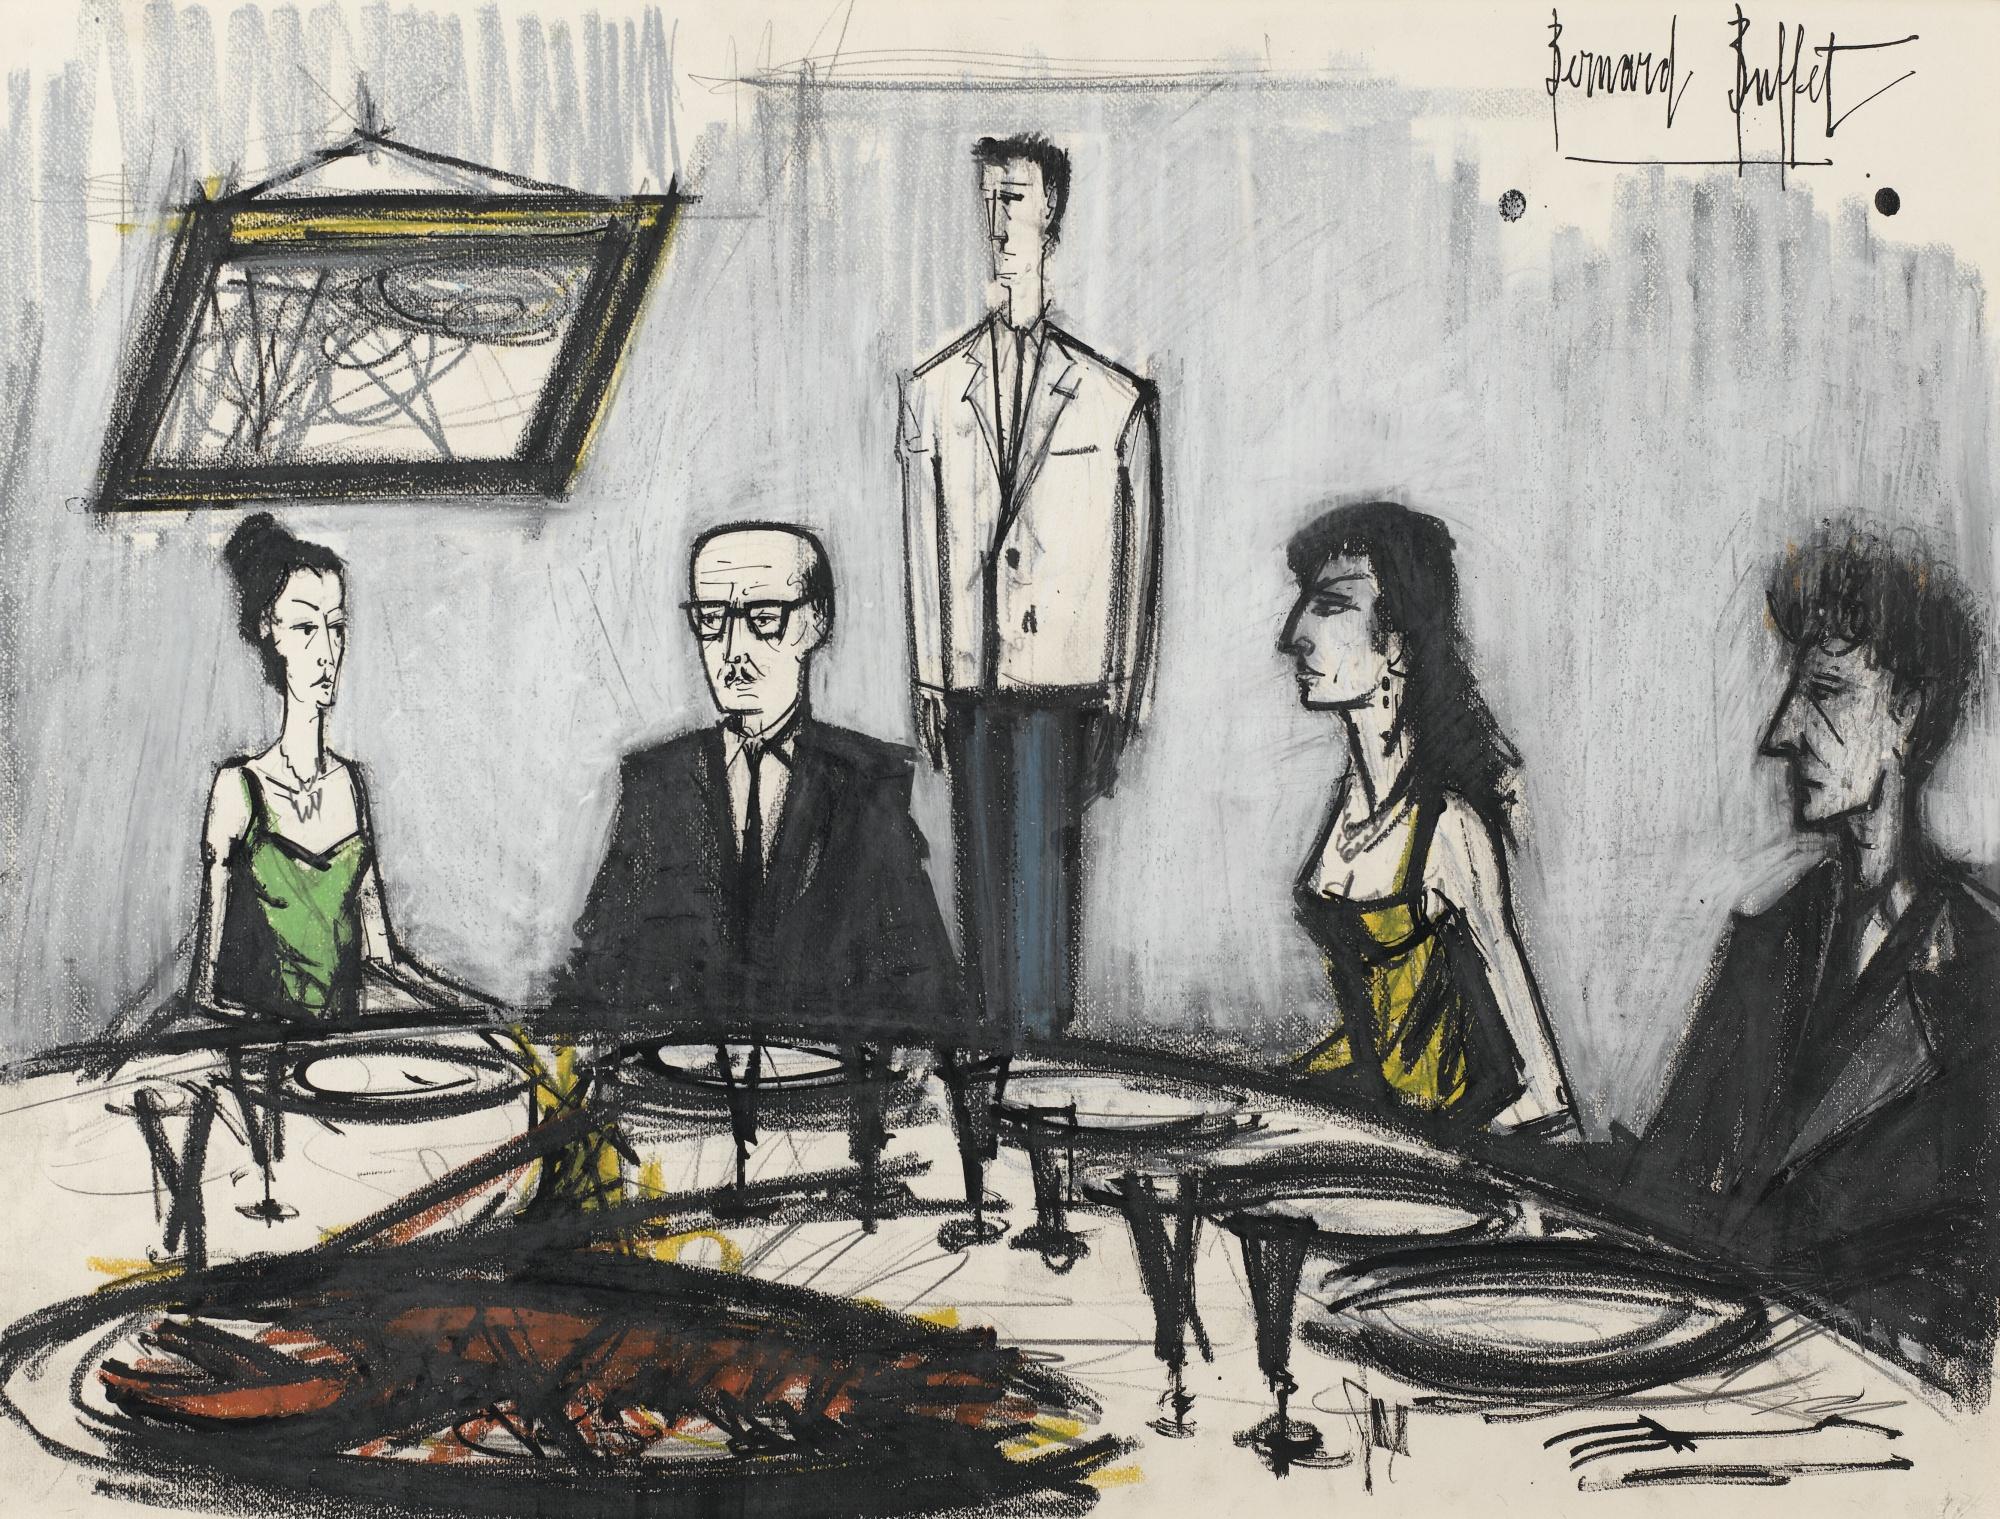 Bernard Buffet-Diner Mondain-1960